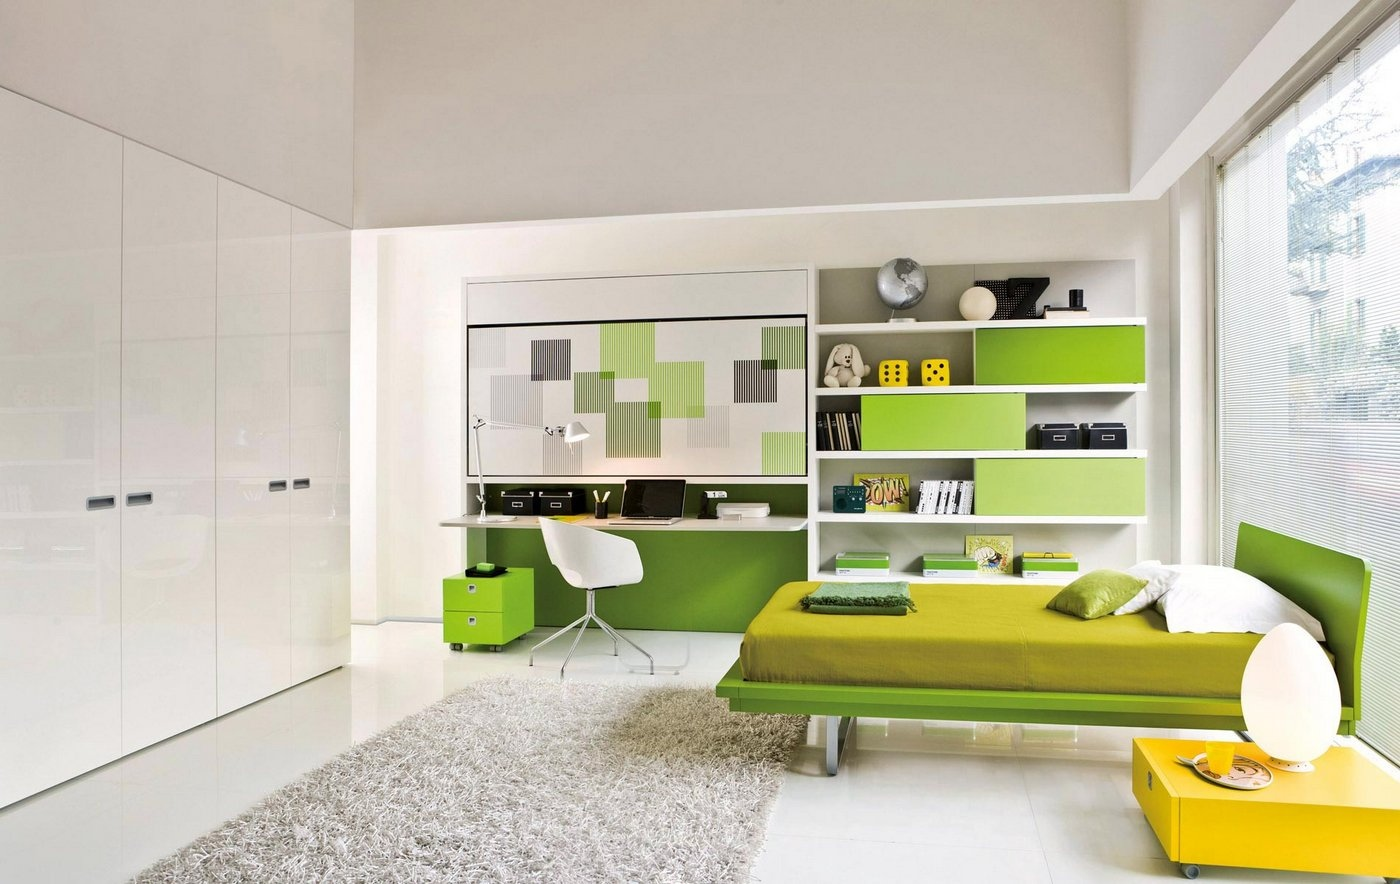 Хорошо будет смотреться салатовый или зеленый диван в комнате со светлыми стенами